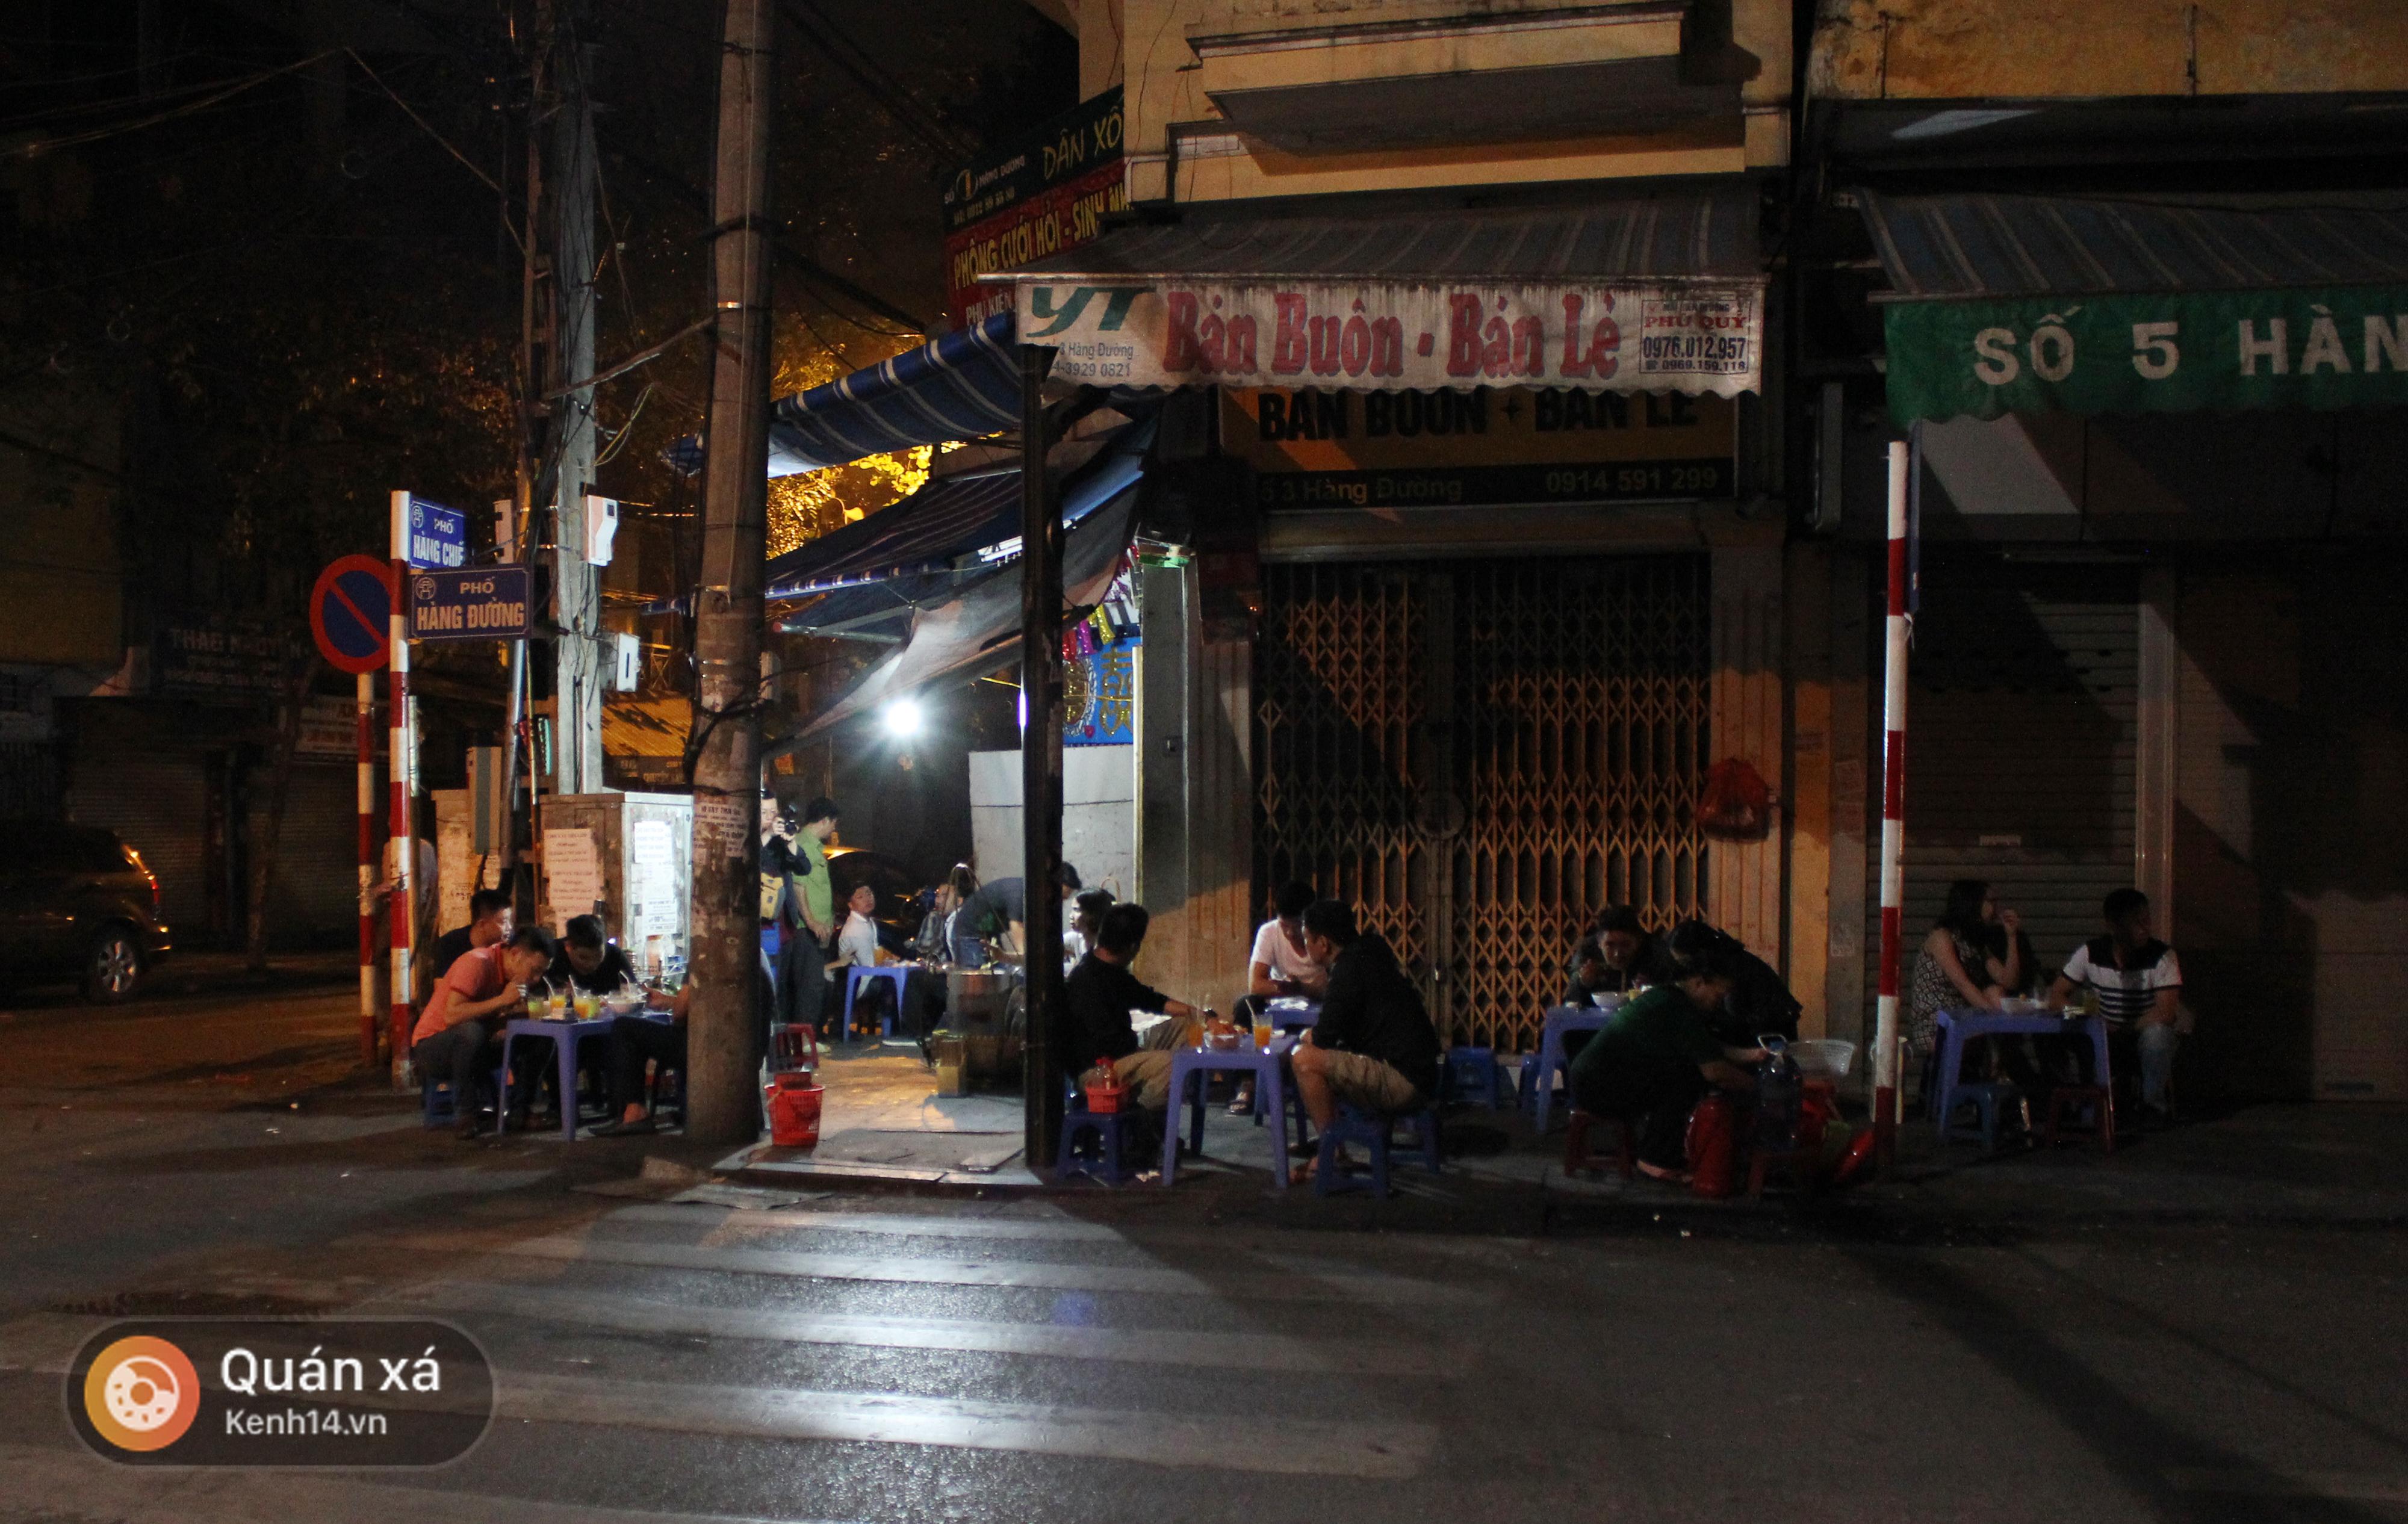 Ẩm thực: Giữa lòng phố cổ có 1 gánh phở chỉ bán lúc 3 giờ sáng mà khách vẫn ...